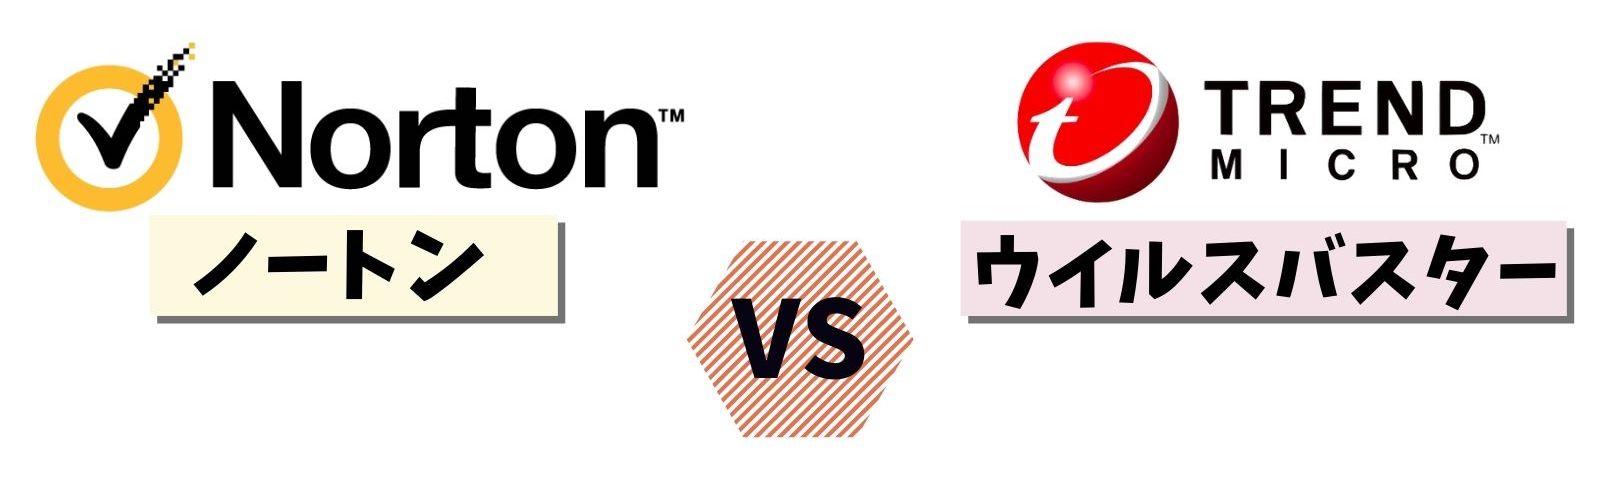 「ノートン」と「ウイルスバスター」を5つの項目で徹底比較